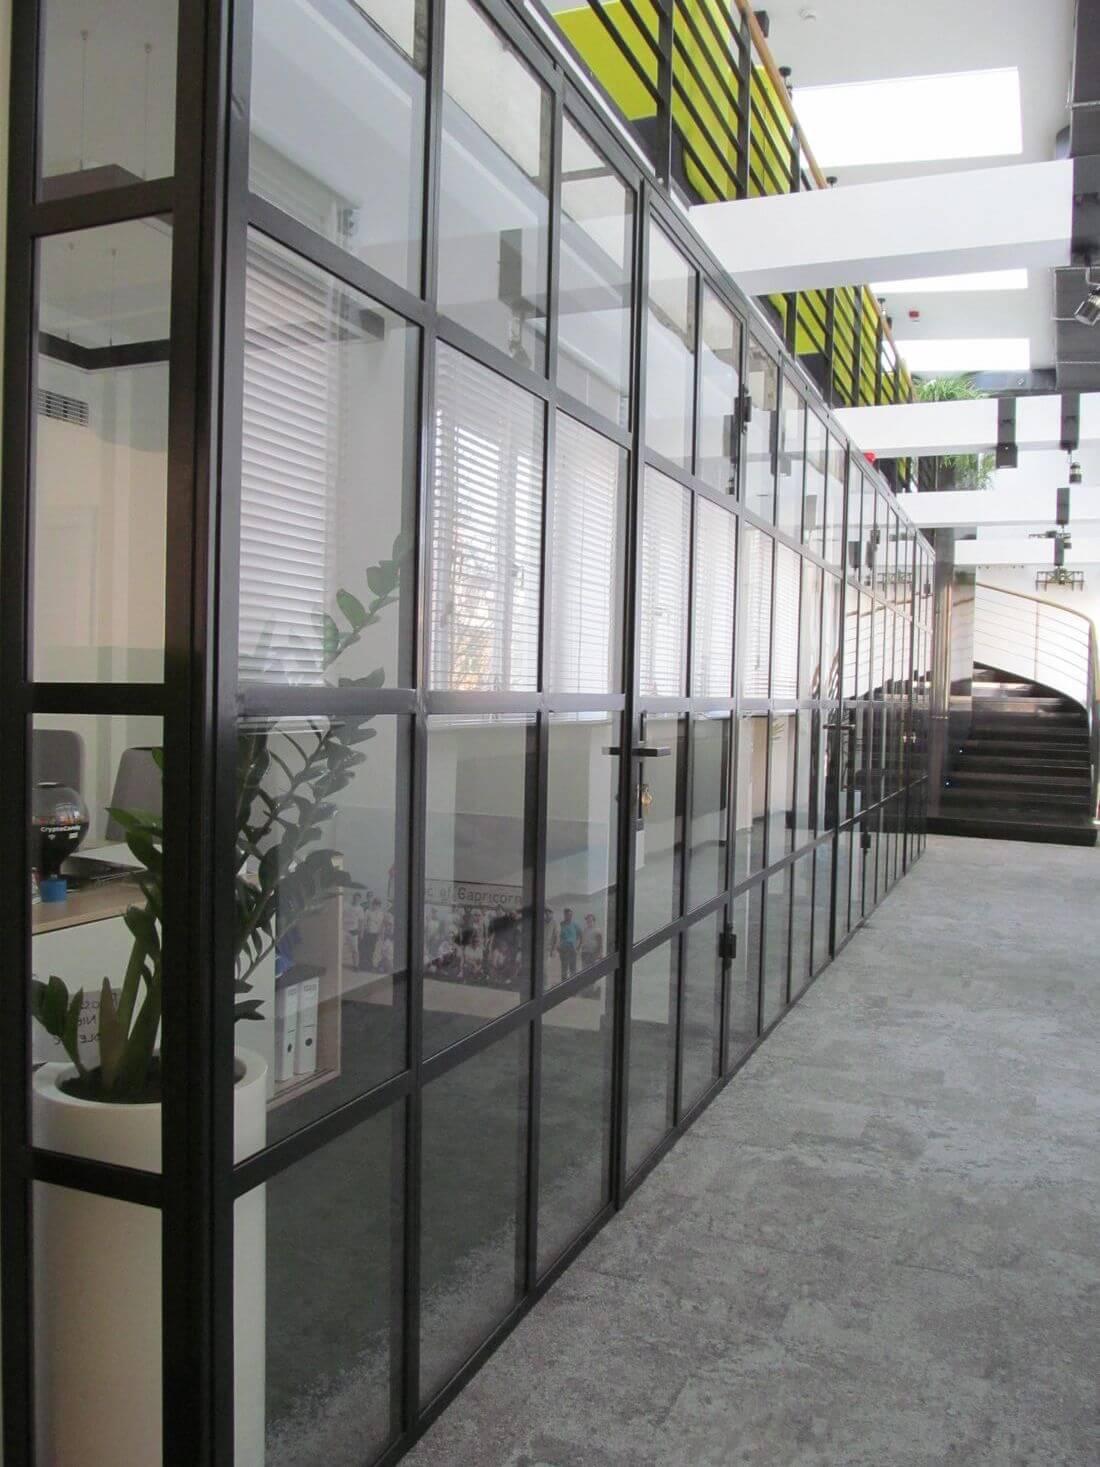 EIP System Drzwi i Ścianek Loftowych Industrialnych Szklanych do dedykowanych pomieszczeń biurowych